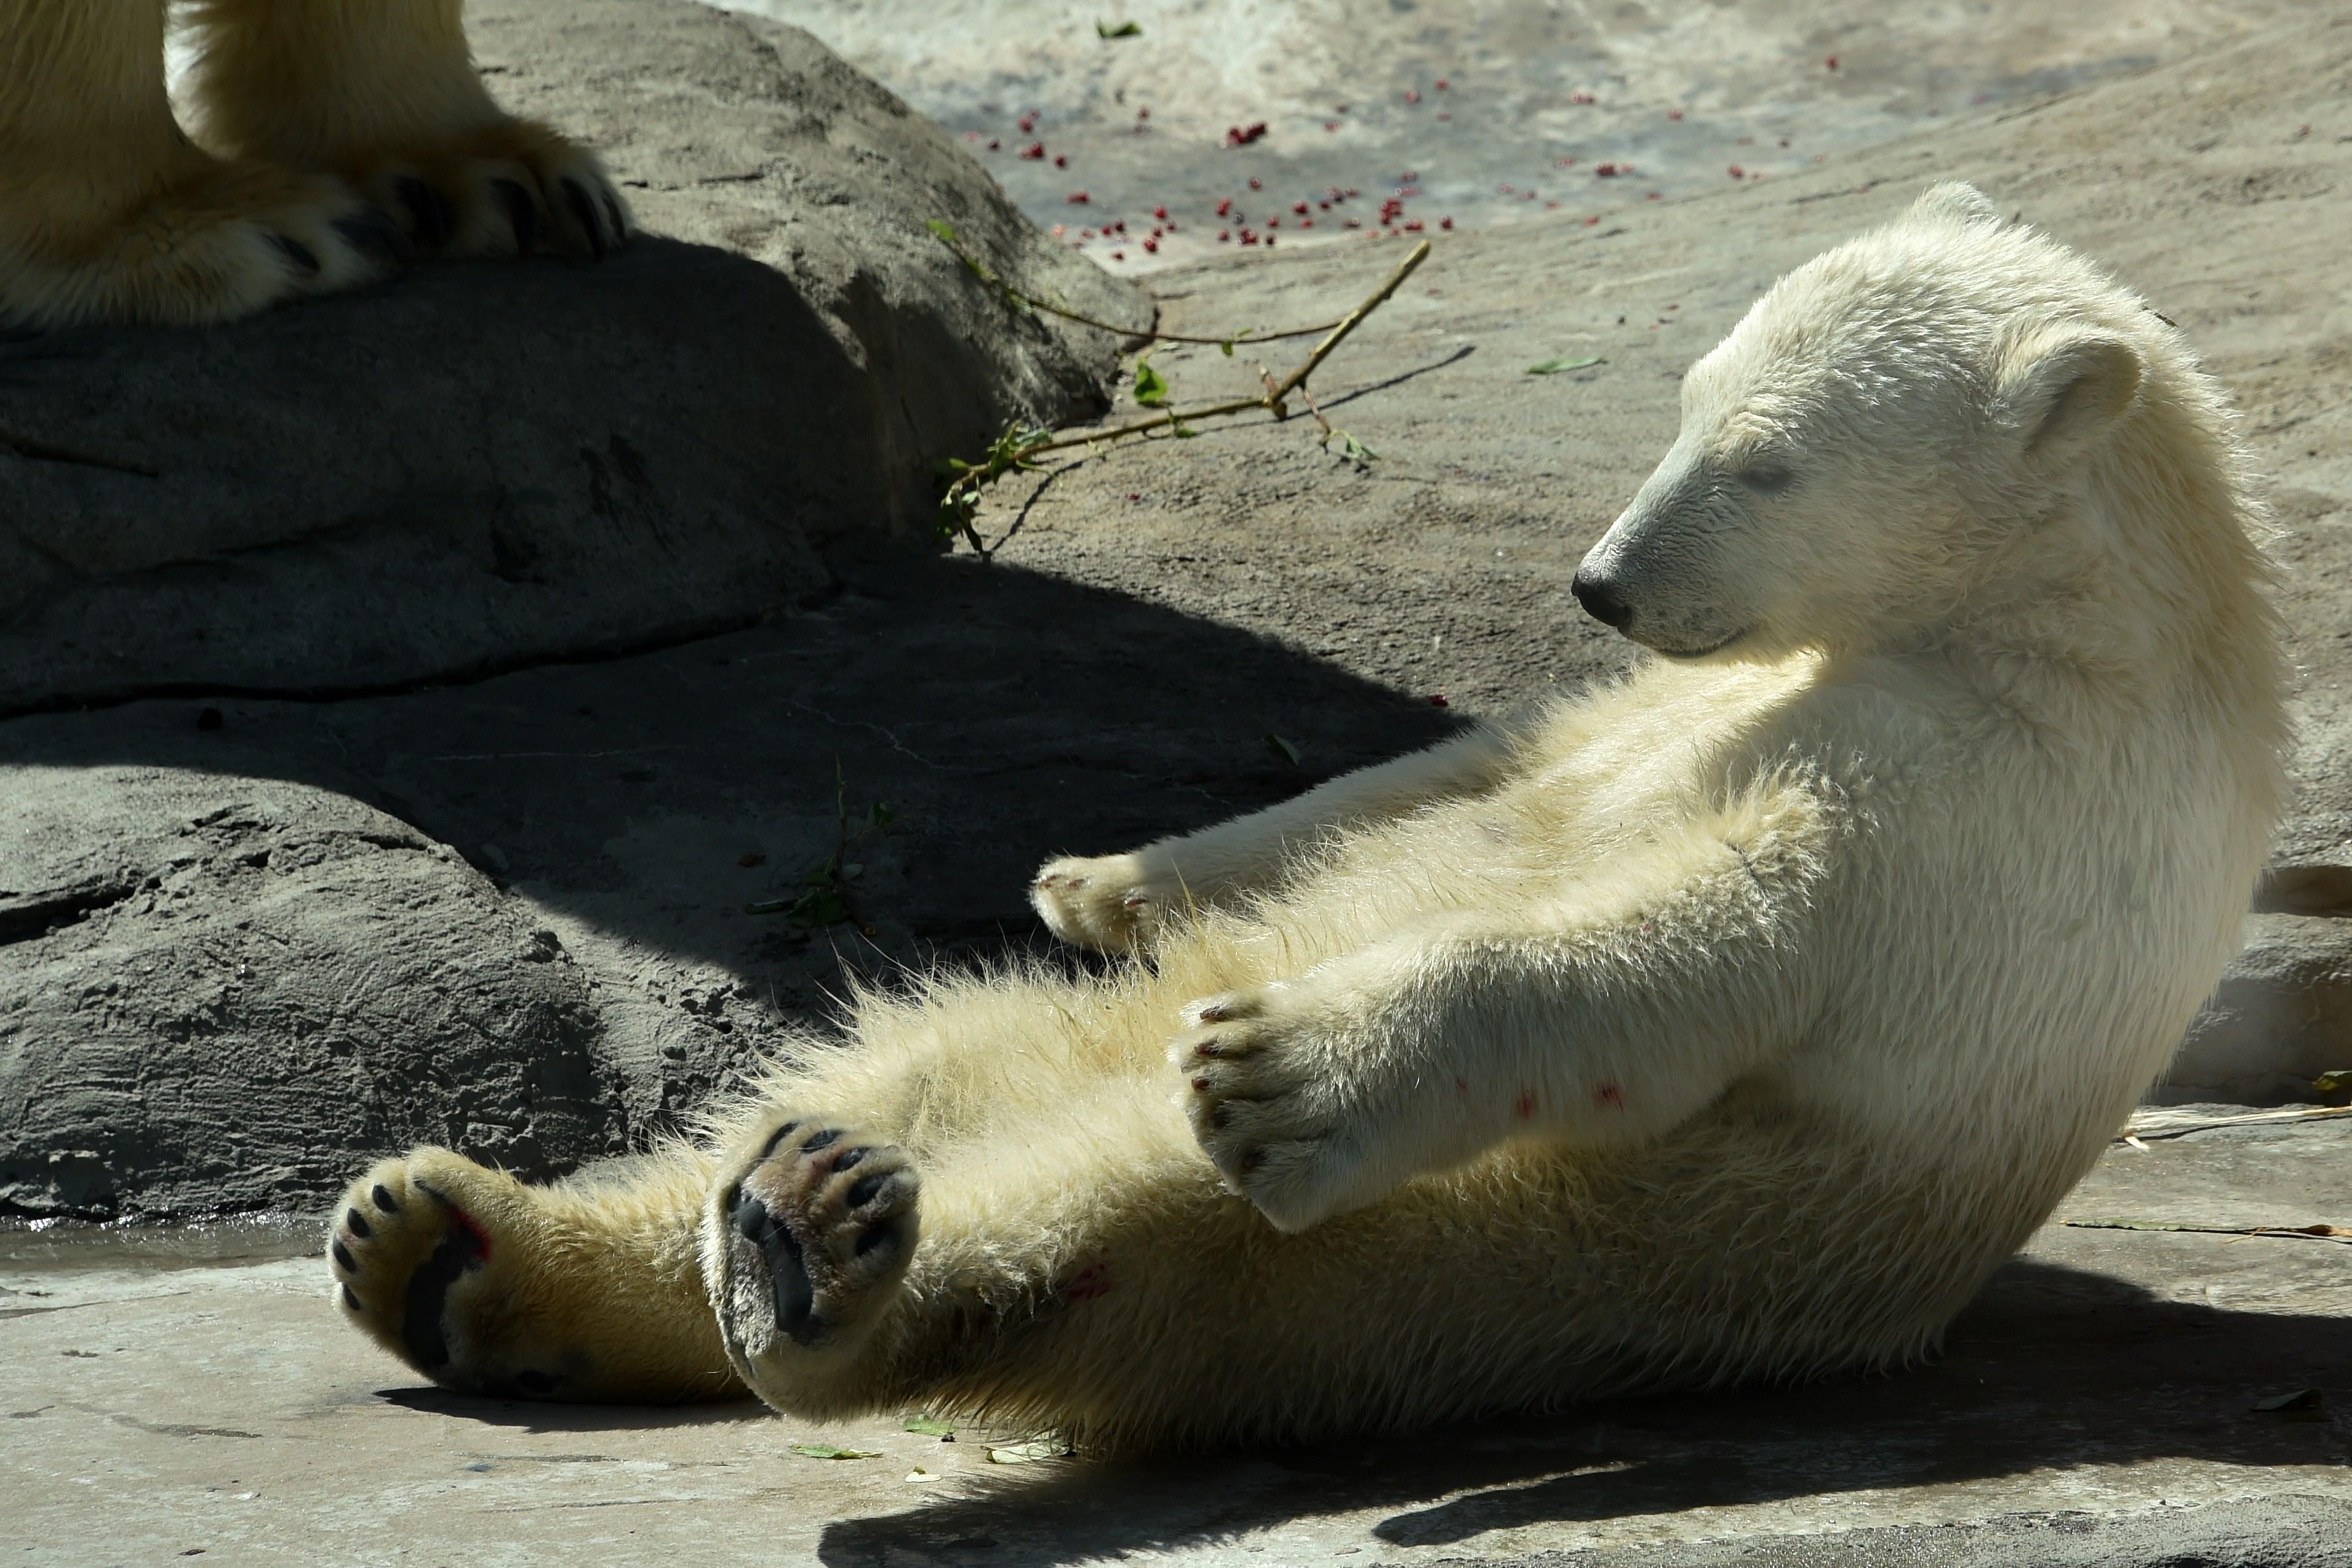 A polar bear cub takes a sun bath at Moscows Zoo on May 27, 2015.